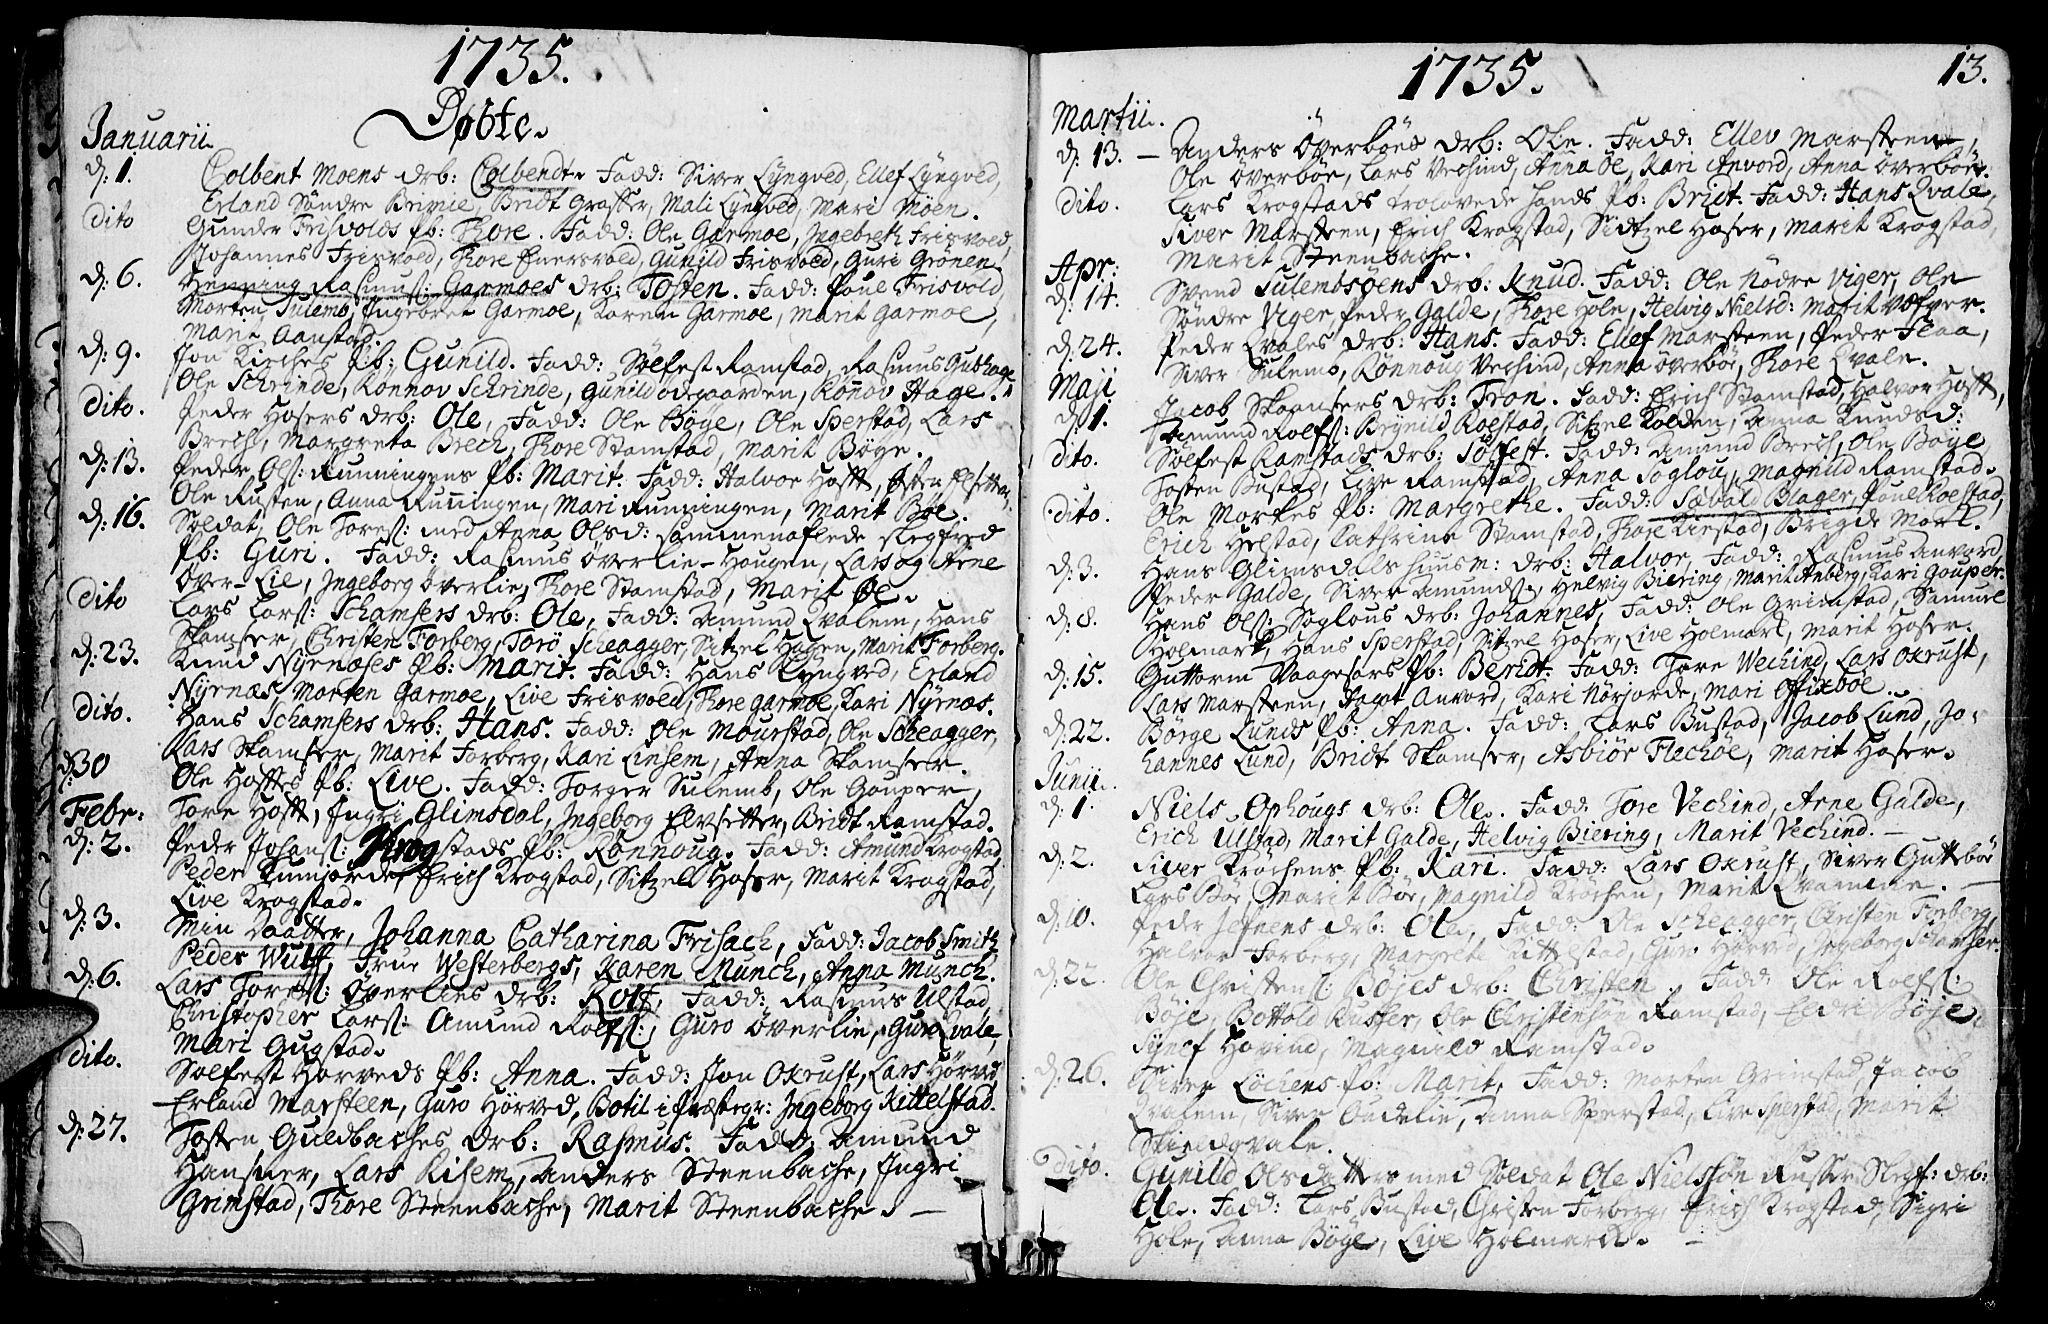 SAH, Lom prestekontor, K/L0001: Ministerialbok nr. 1, 1733-1748, s. 13